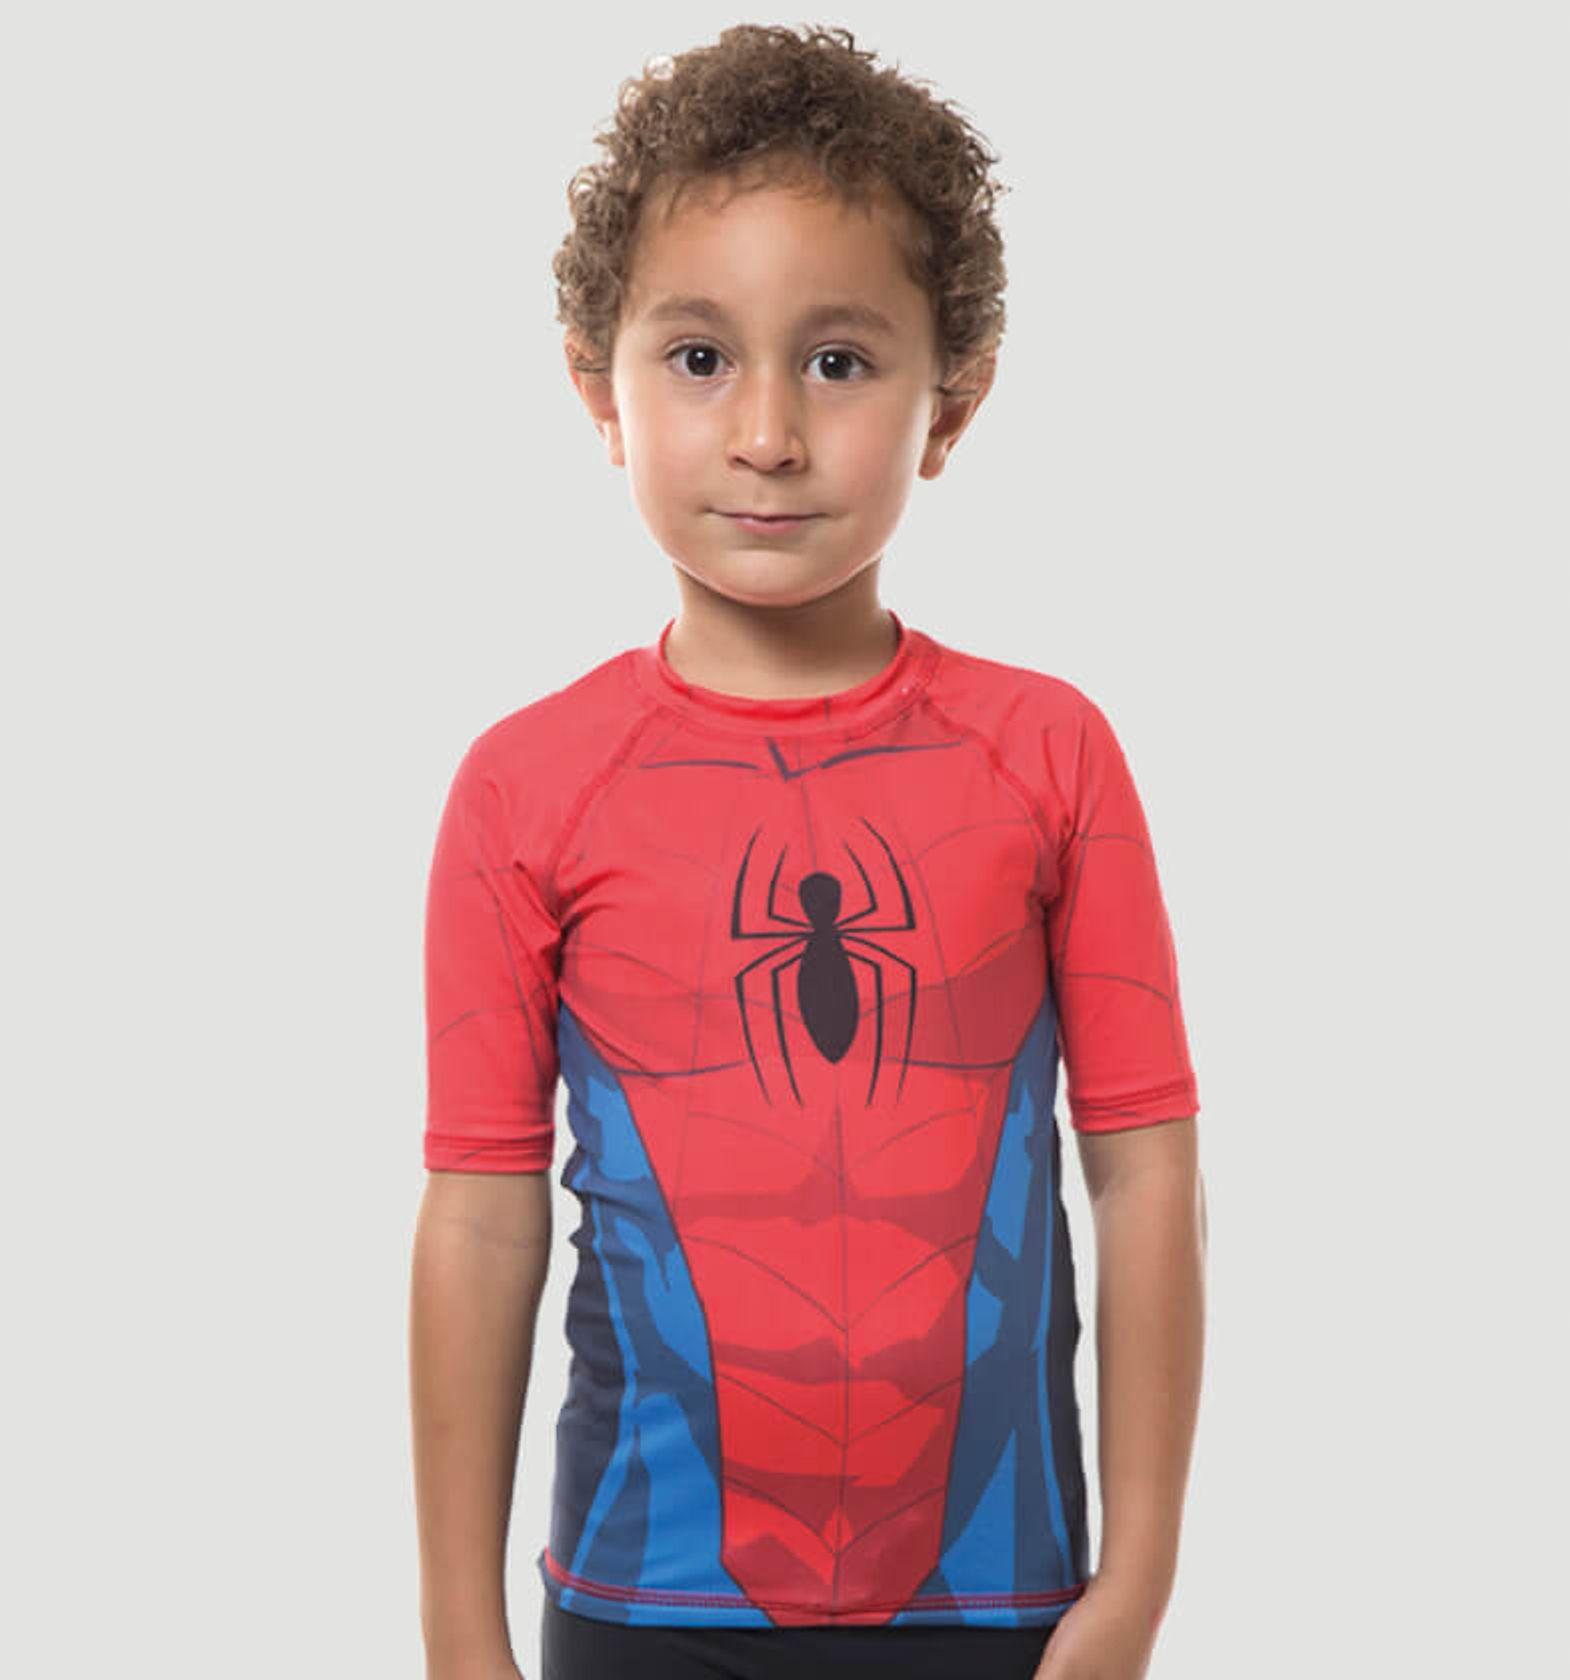 UV LINE Camiseta Acqua Homem Aranha Manga Curta Infantil Proteção Solar